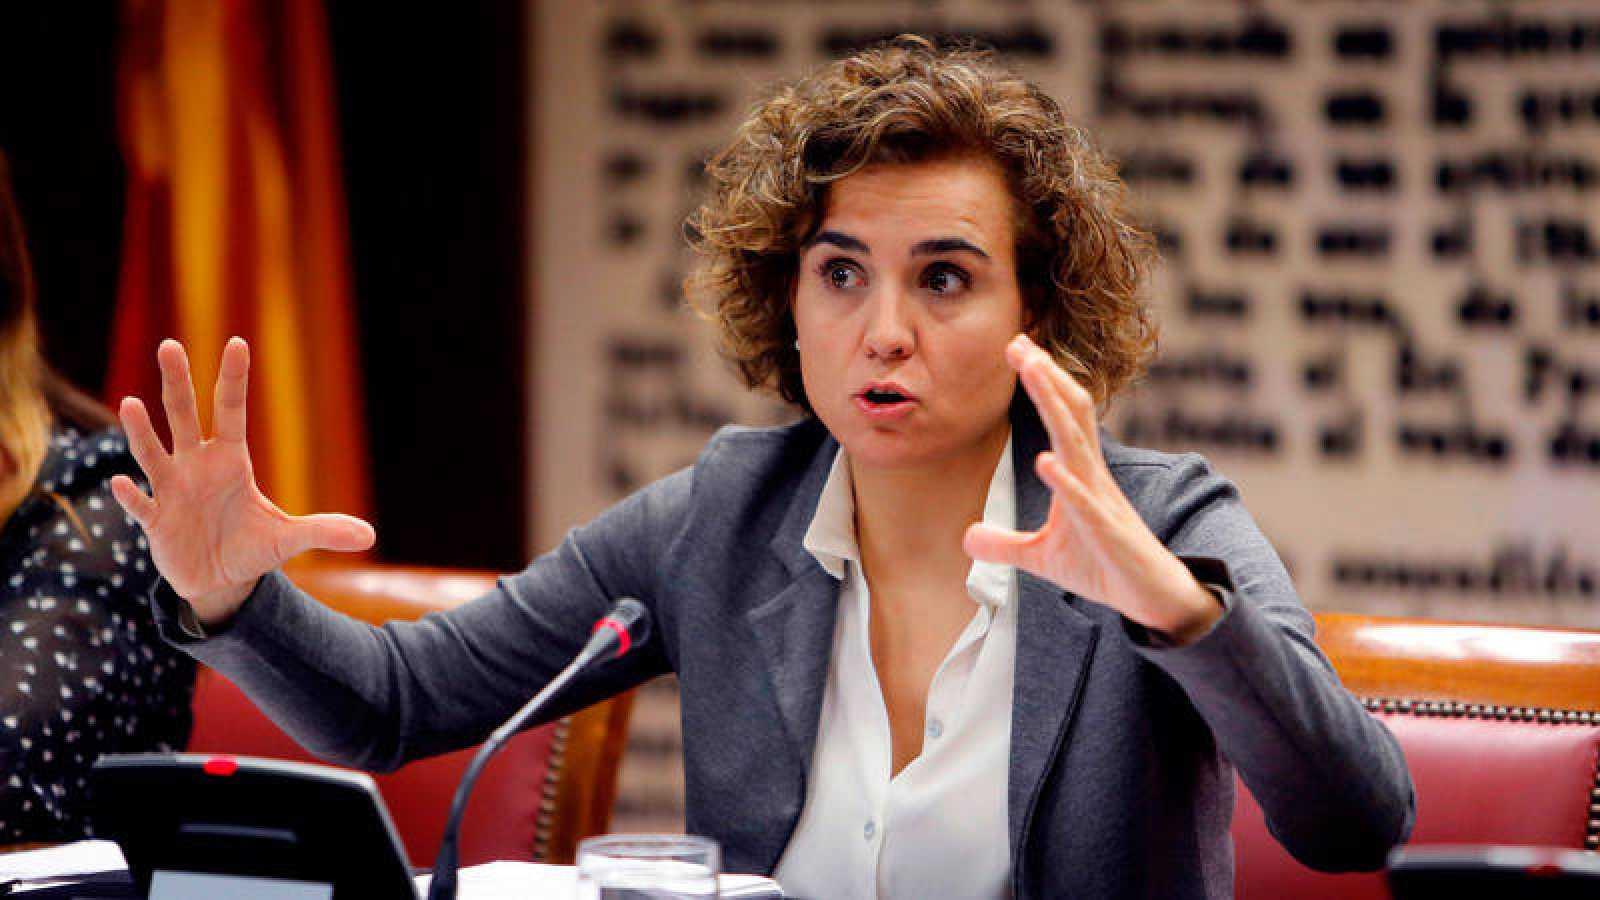 La ministra de Sanidad, Servicios Sociales e Igualdad, Dolors Montserrat